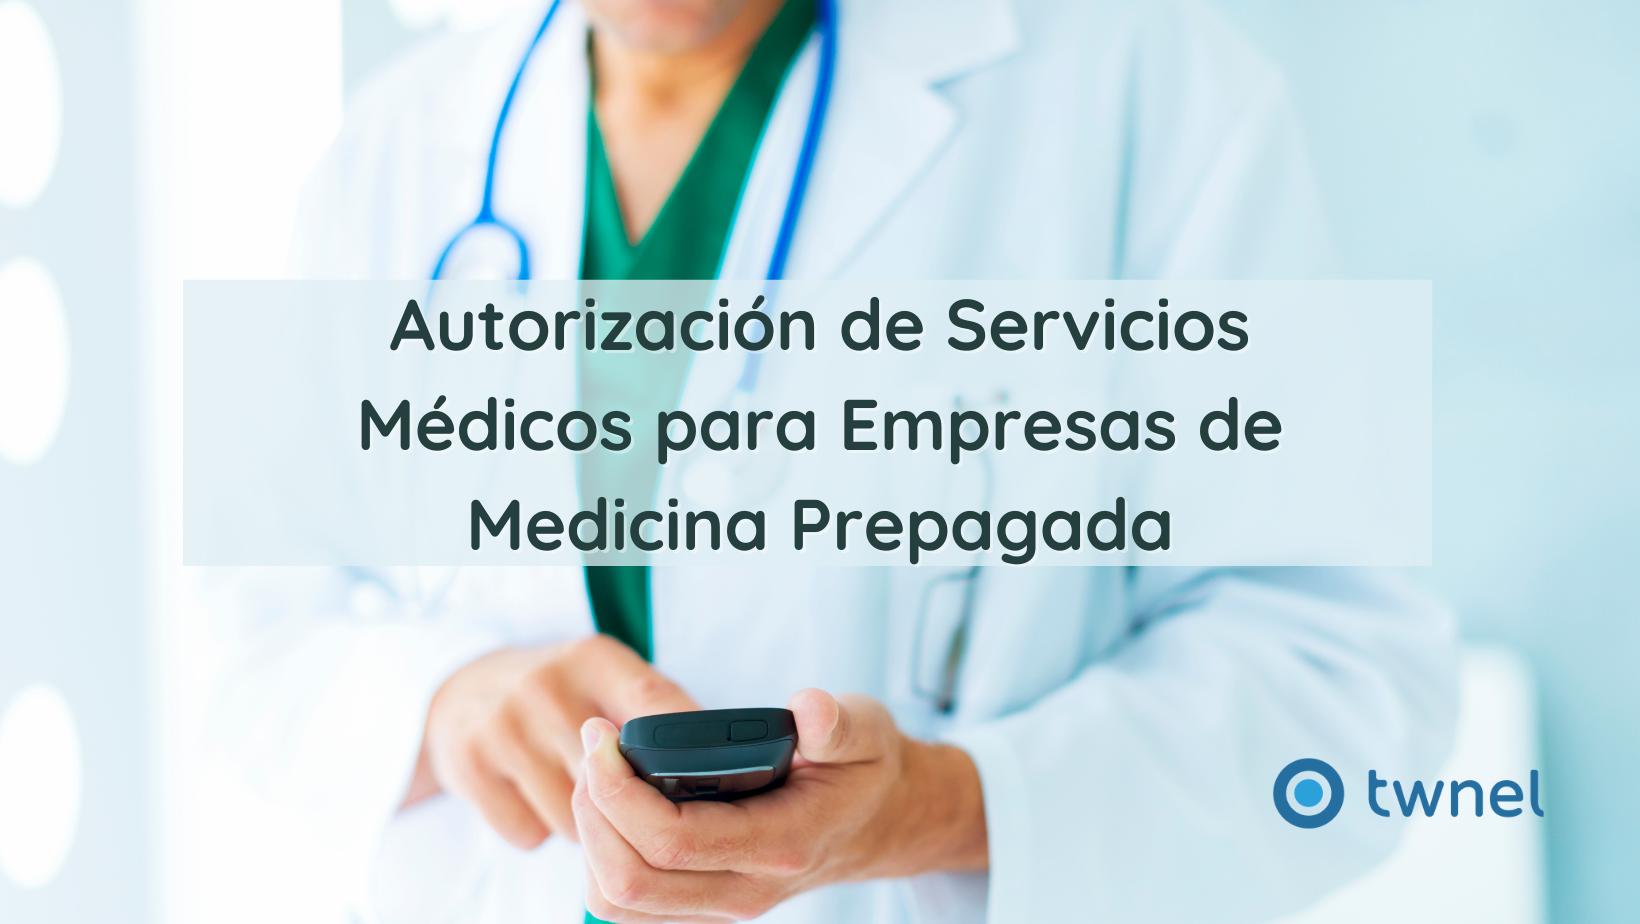 Autorizacion de servicios medicos